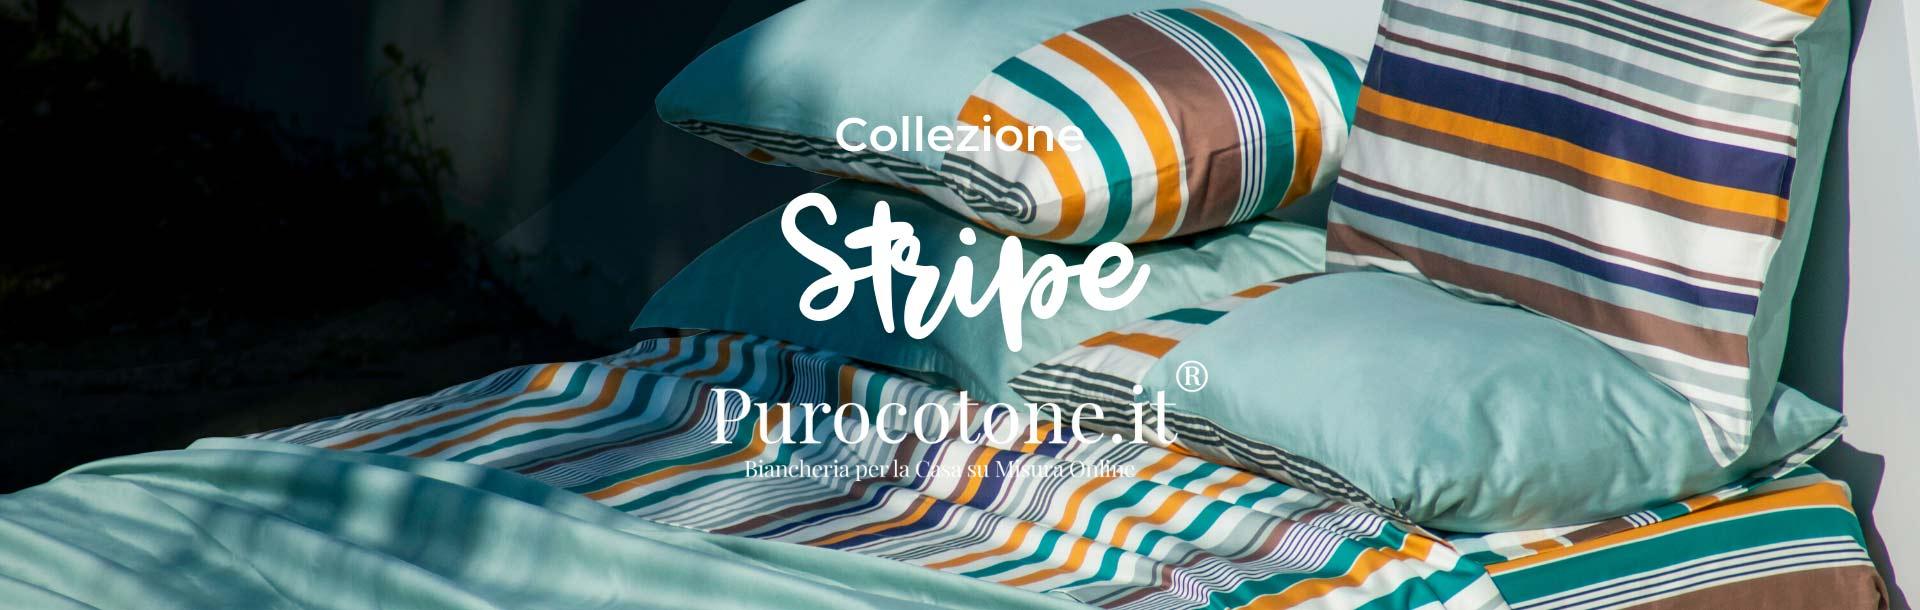 Collezione Stripe di Purocotone.it